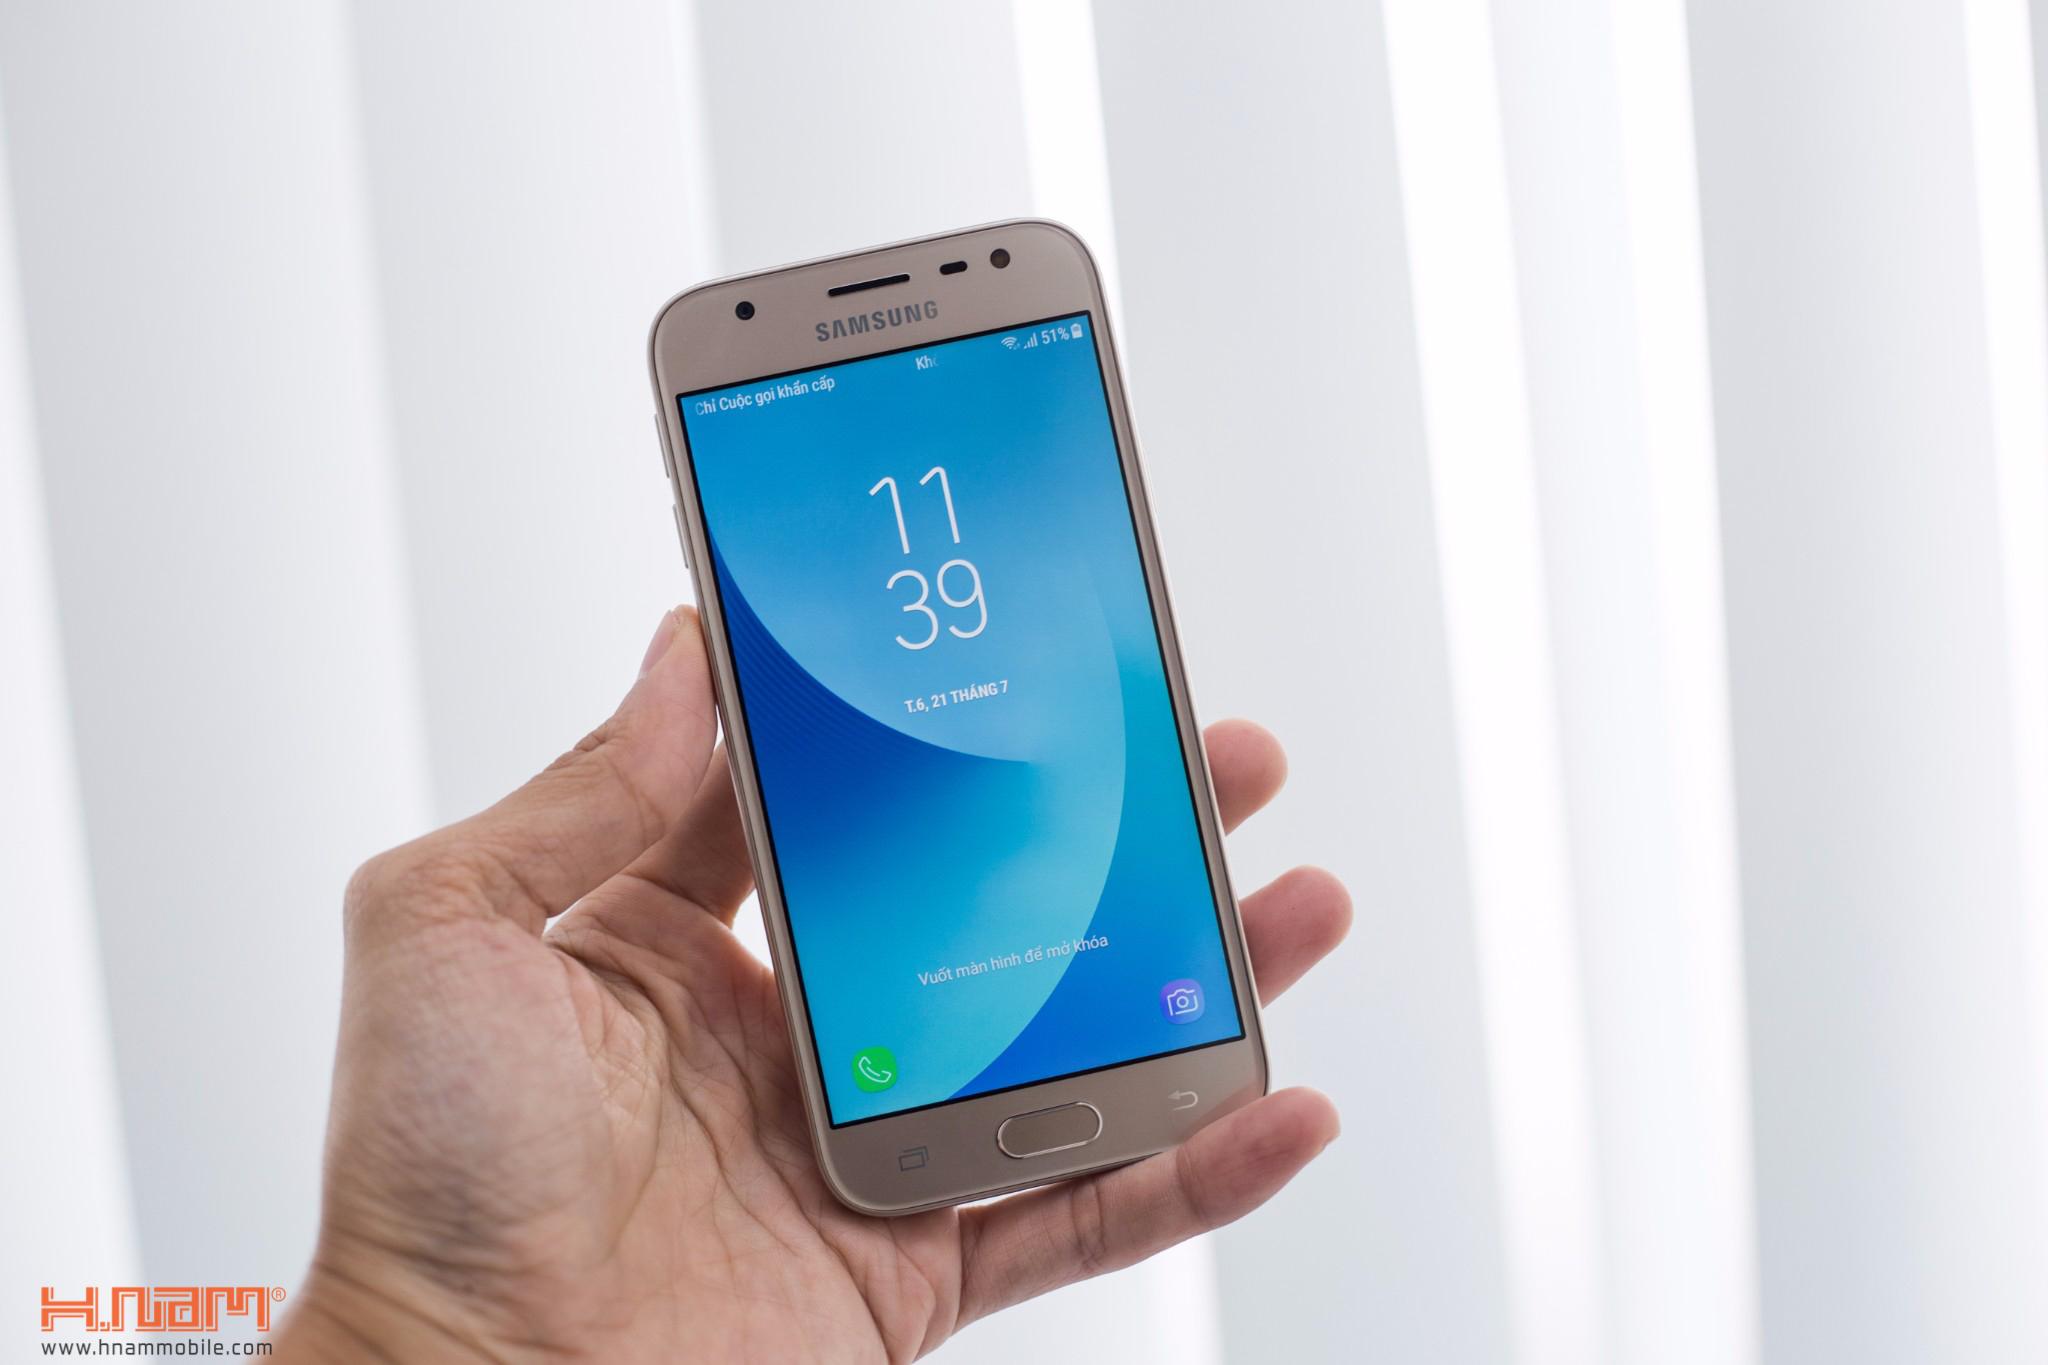 Đập hộp Samsung Galaxy J3 Pro: giá hơn 4 triệu đồng, camera F/1.9 hình 3